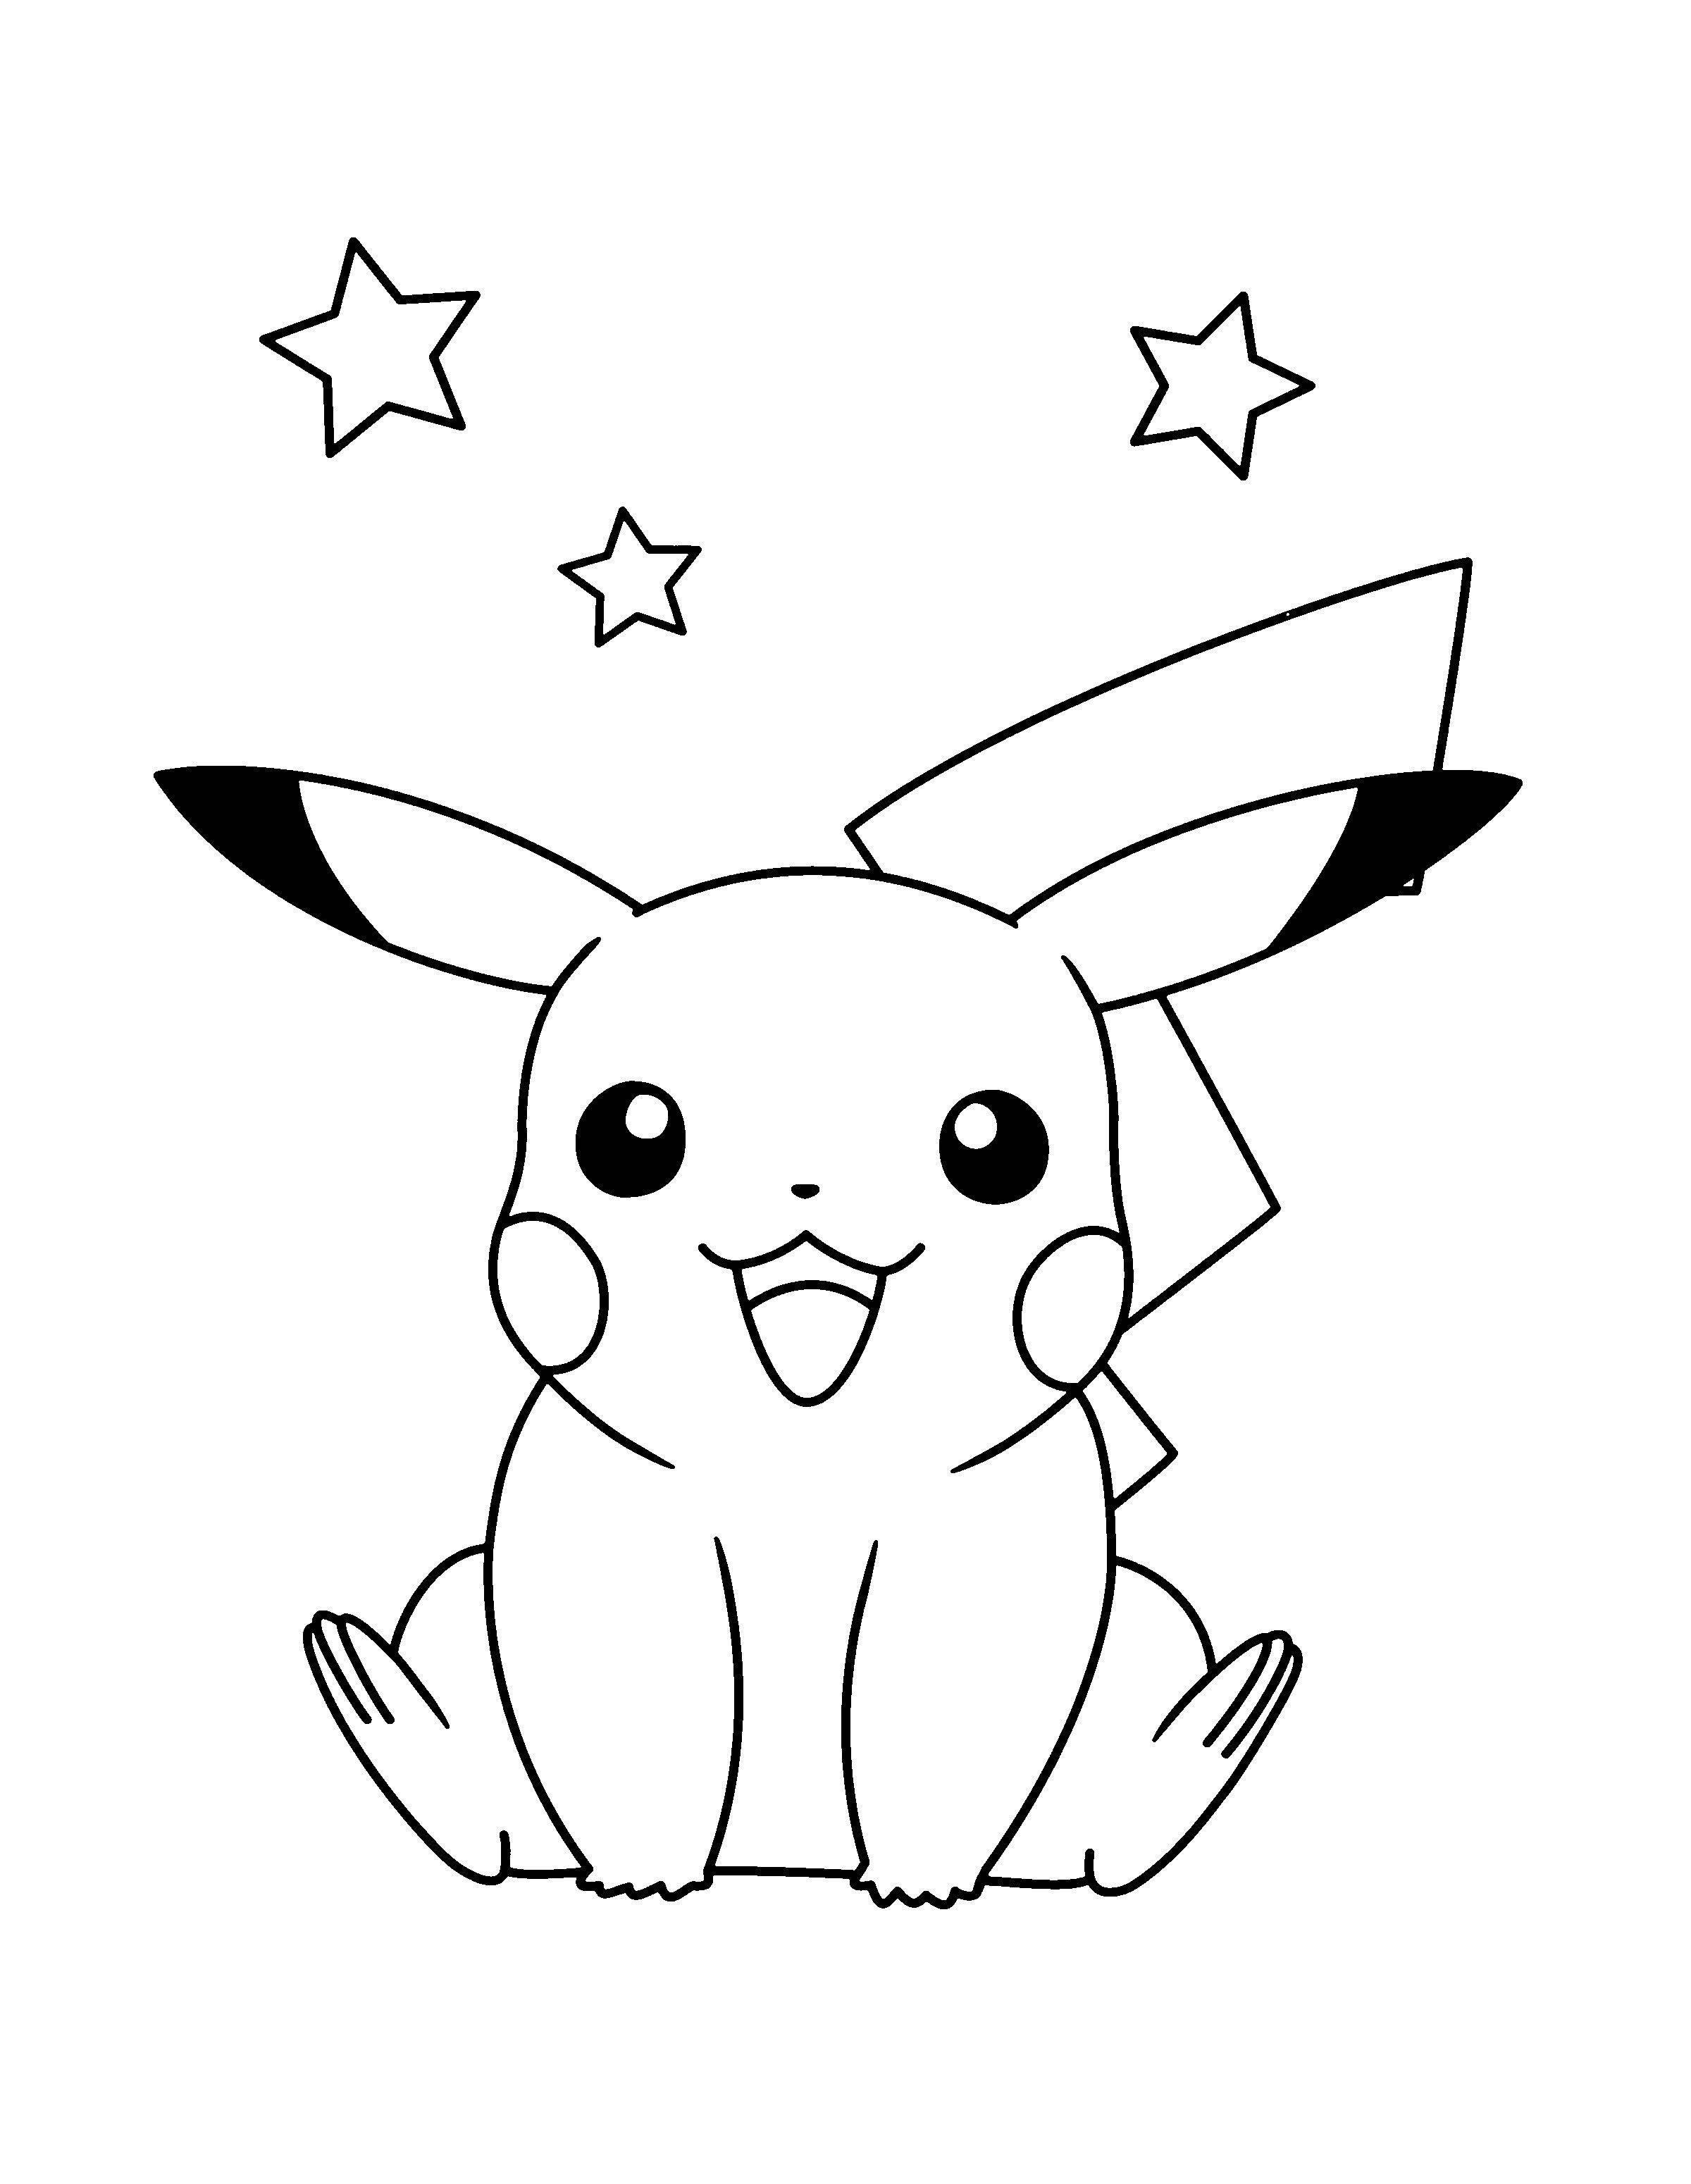 Ausmalbilder Pokemon Ausdrucken Das Beste Von Pichu Coloring Pages Luxury Ausmalbilder Pokemon Pikachu Neu Bild